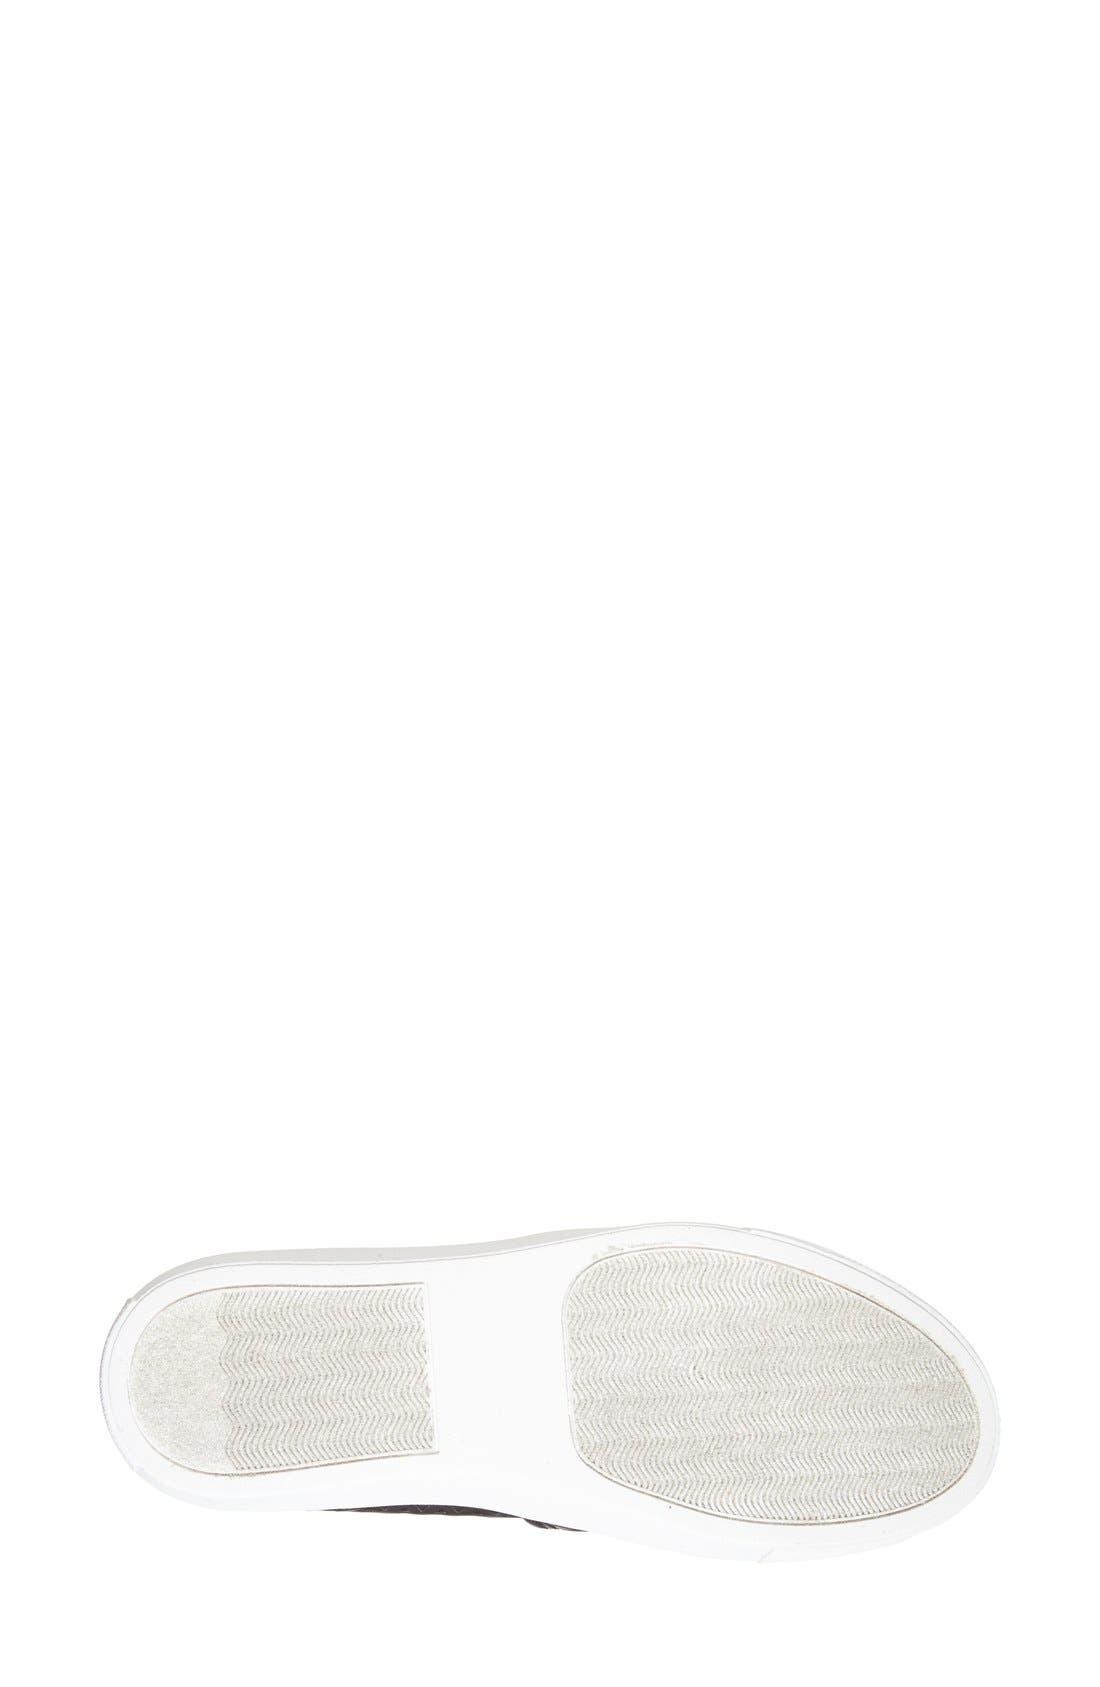 Alternate Image 4  - Steve Madden 'Excel' Slip-On Sneaker (Women)